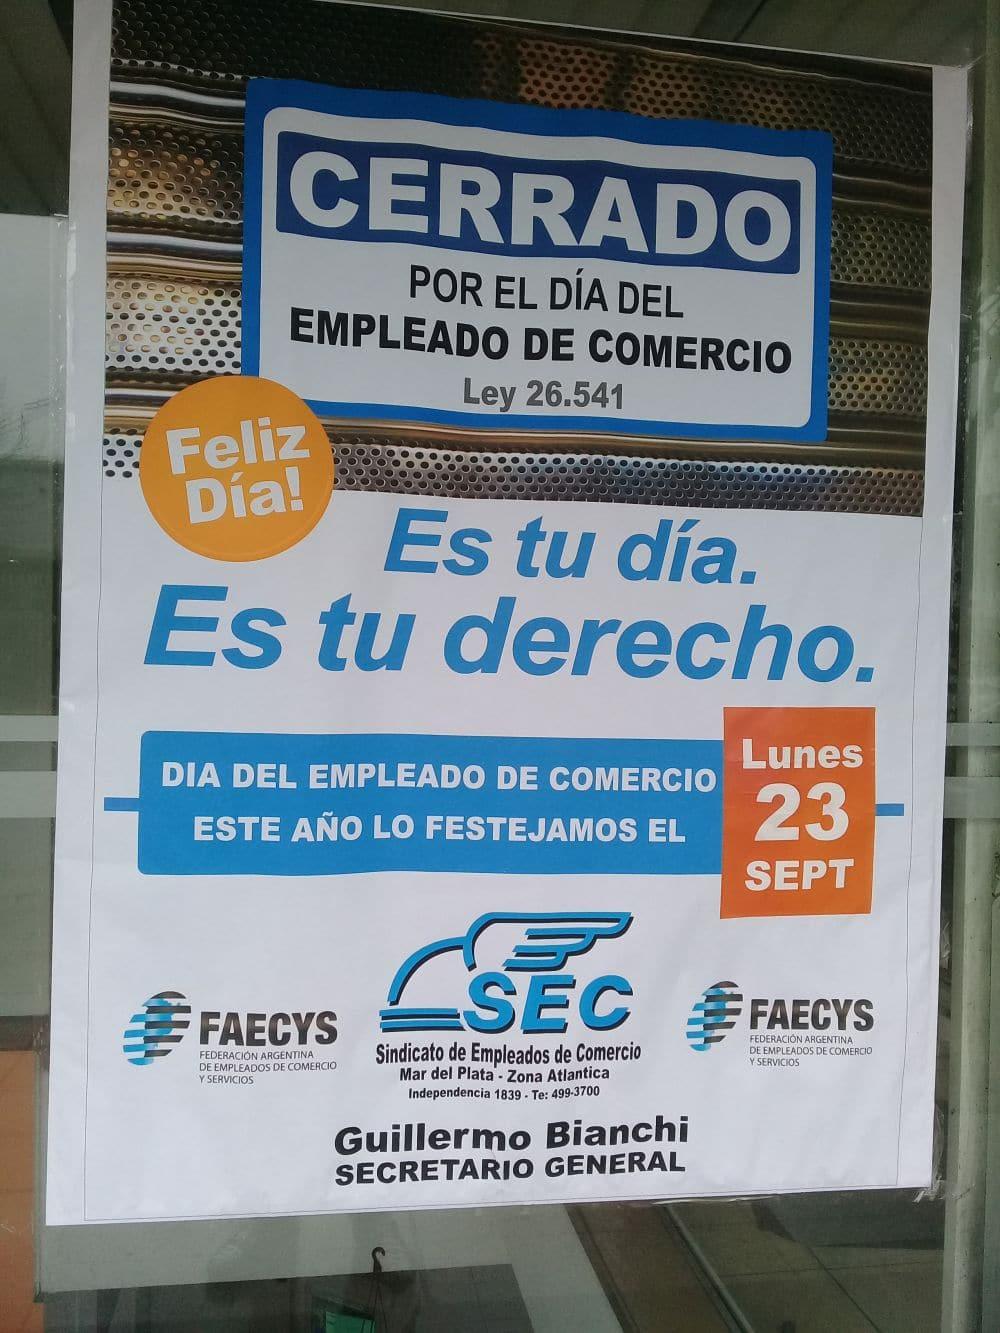 Los Empleados de Comercio festejarán su día en Mar del Plata el lunes 23 de septiembre